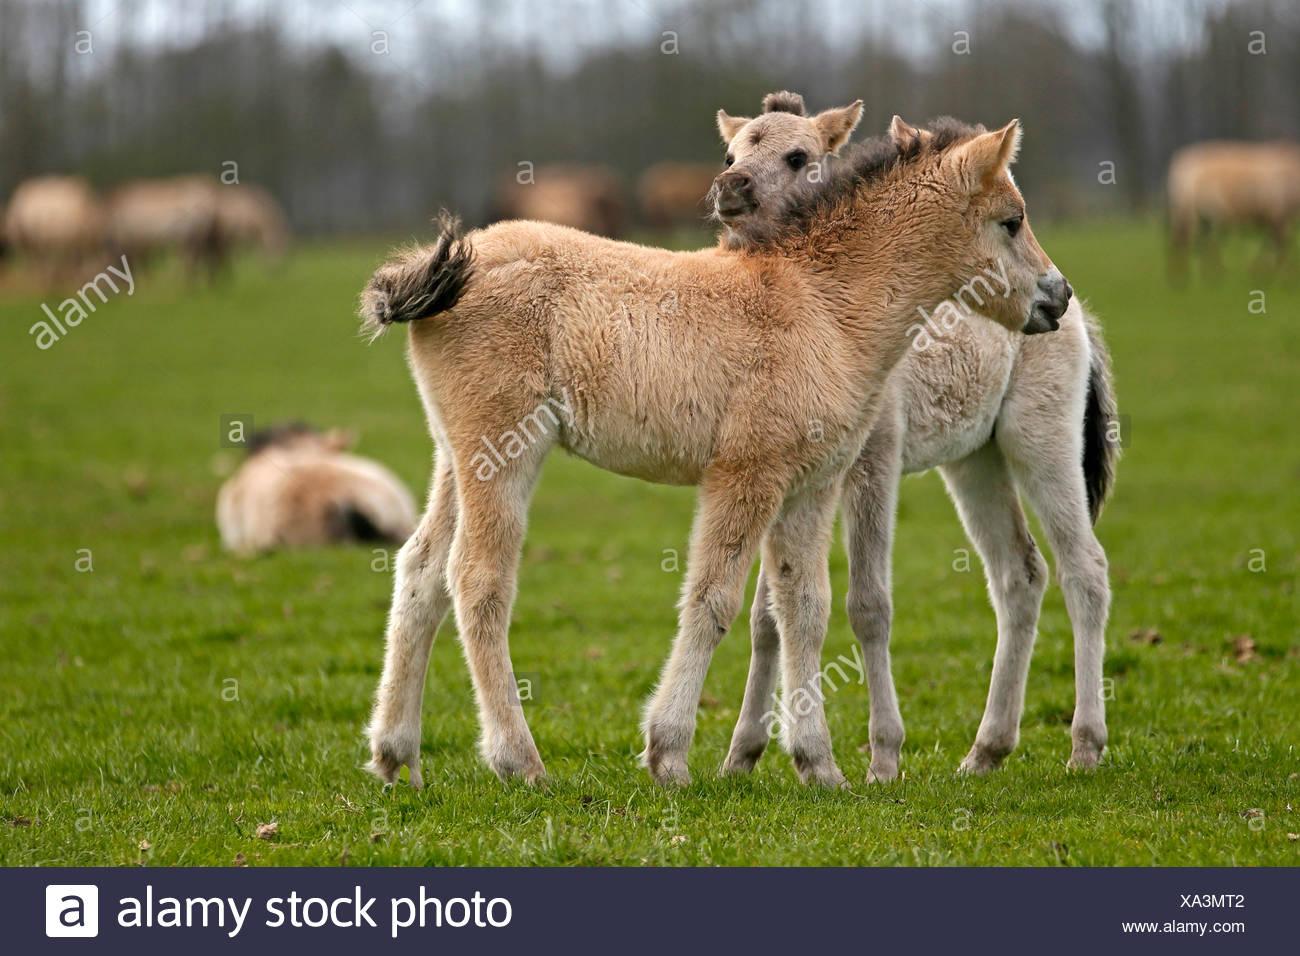 Wild horse Duelmen Duelmen, Nordrhein-Westfalen, Germany Stock Photo